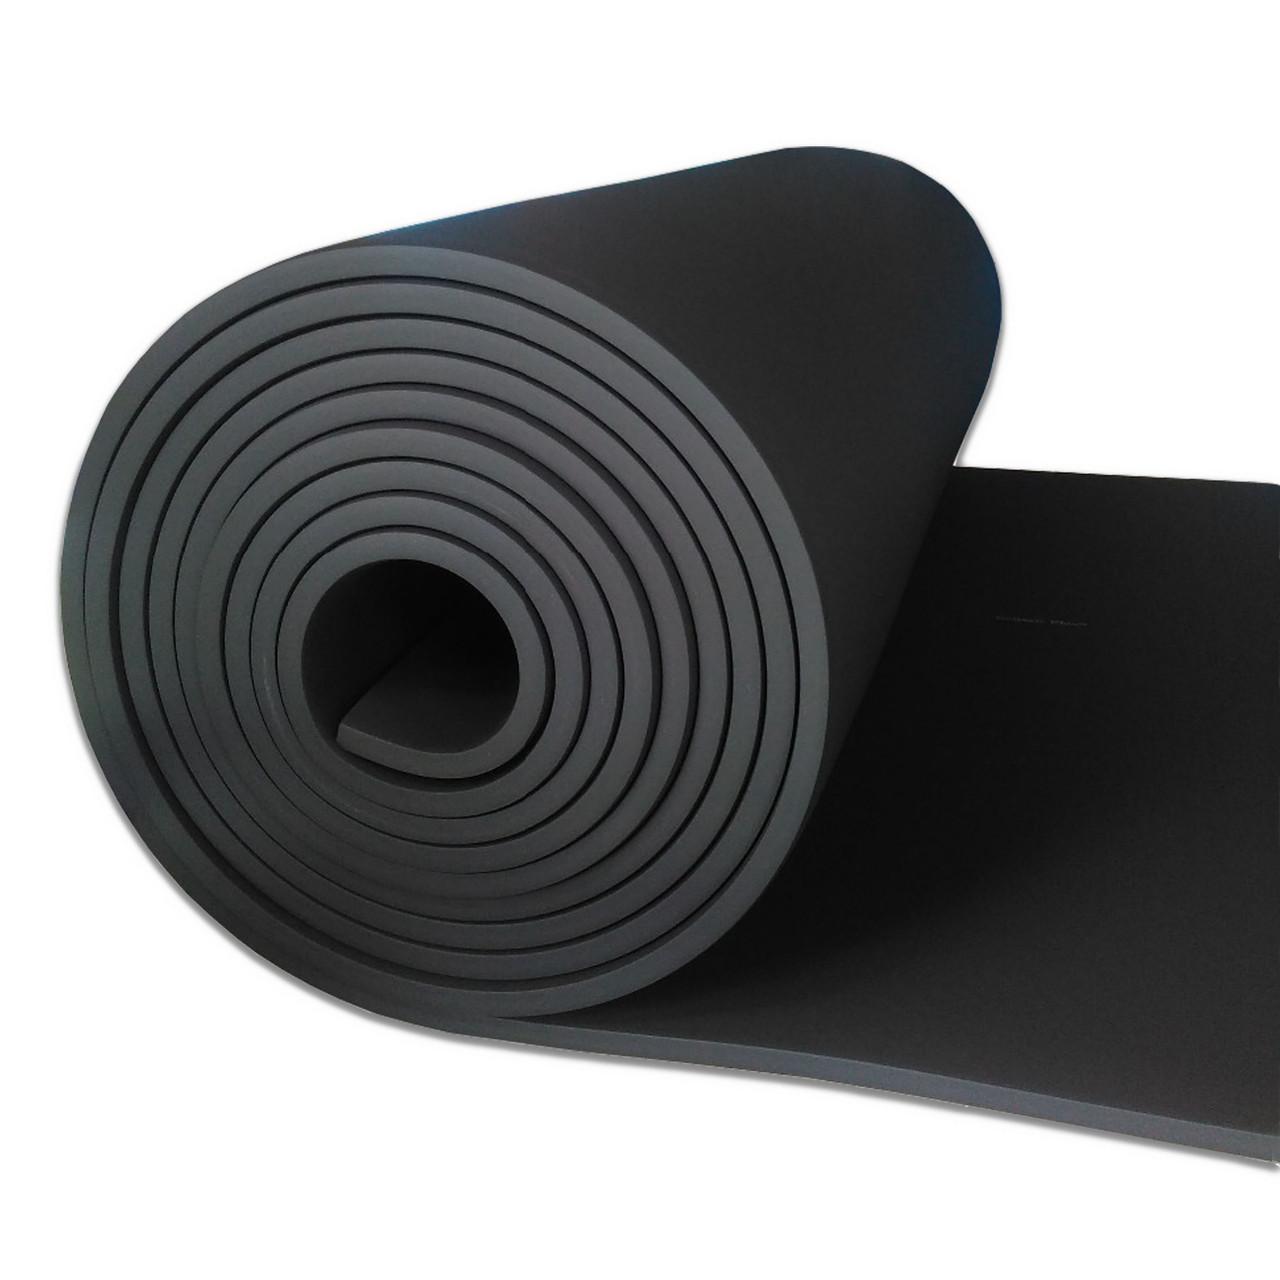 Вспененный каучук 13мм (утеплитель, шумоизоляция)